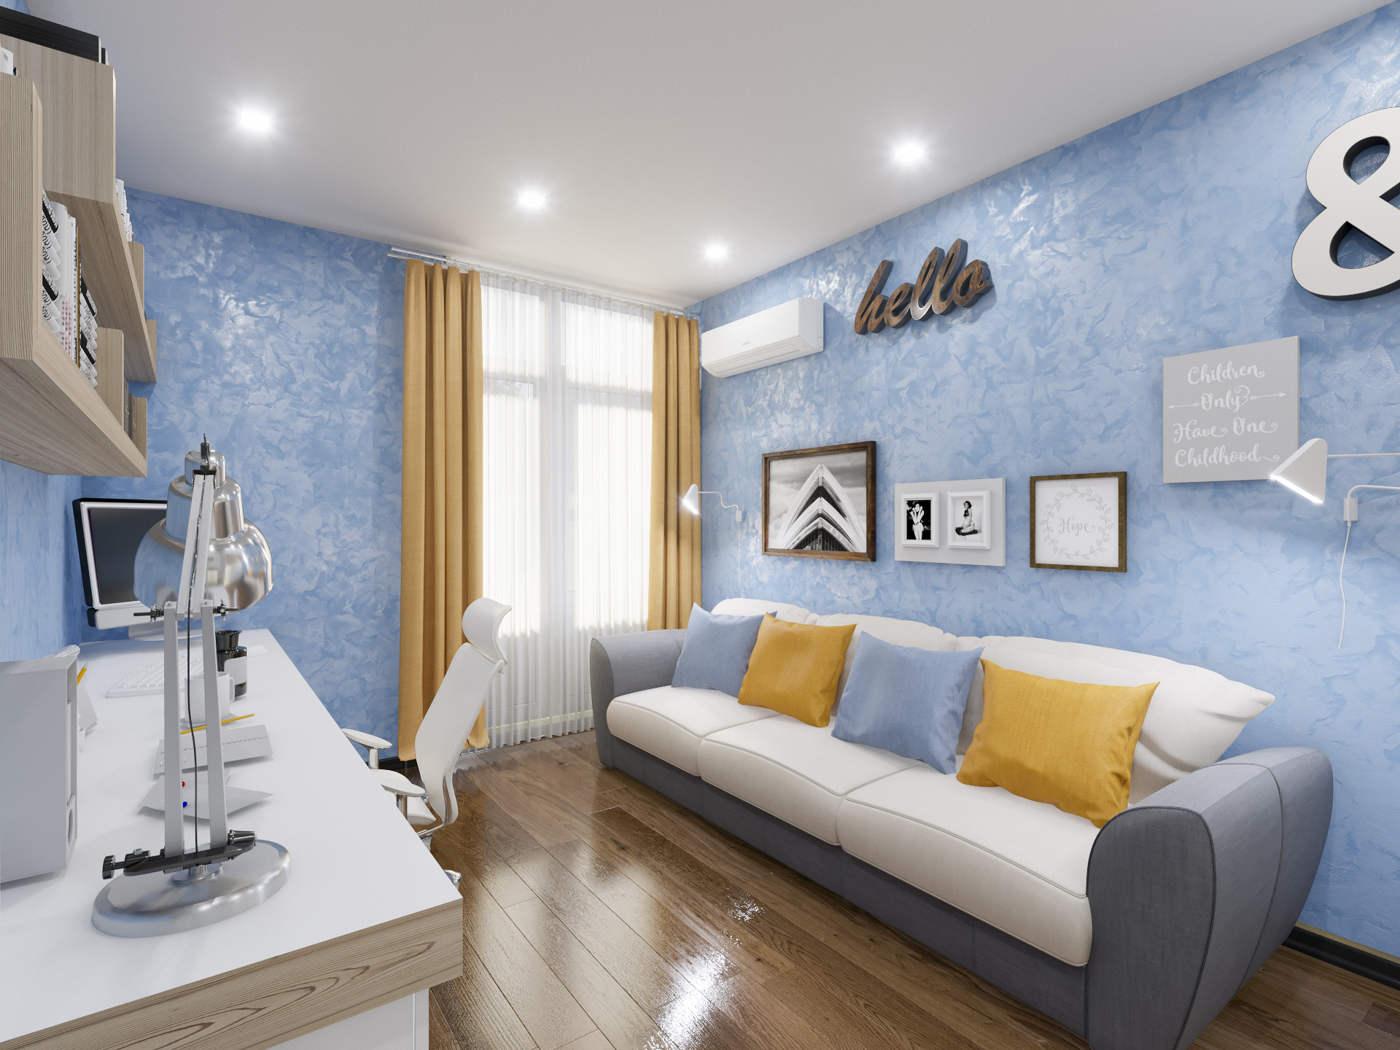 Дизайн детской комнаты с диваном Киев. подростковая, современный стиль, скандинавский